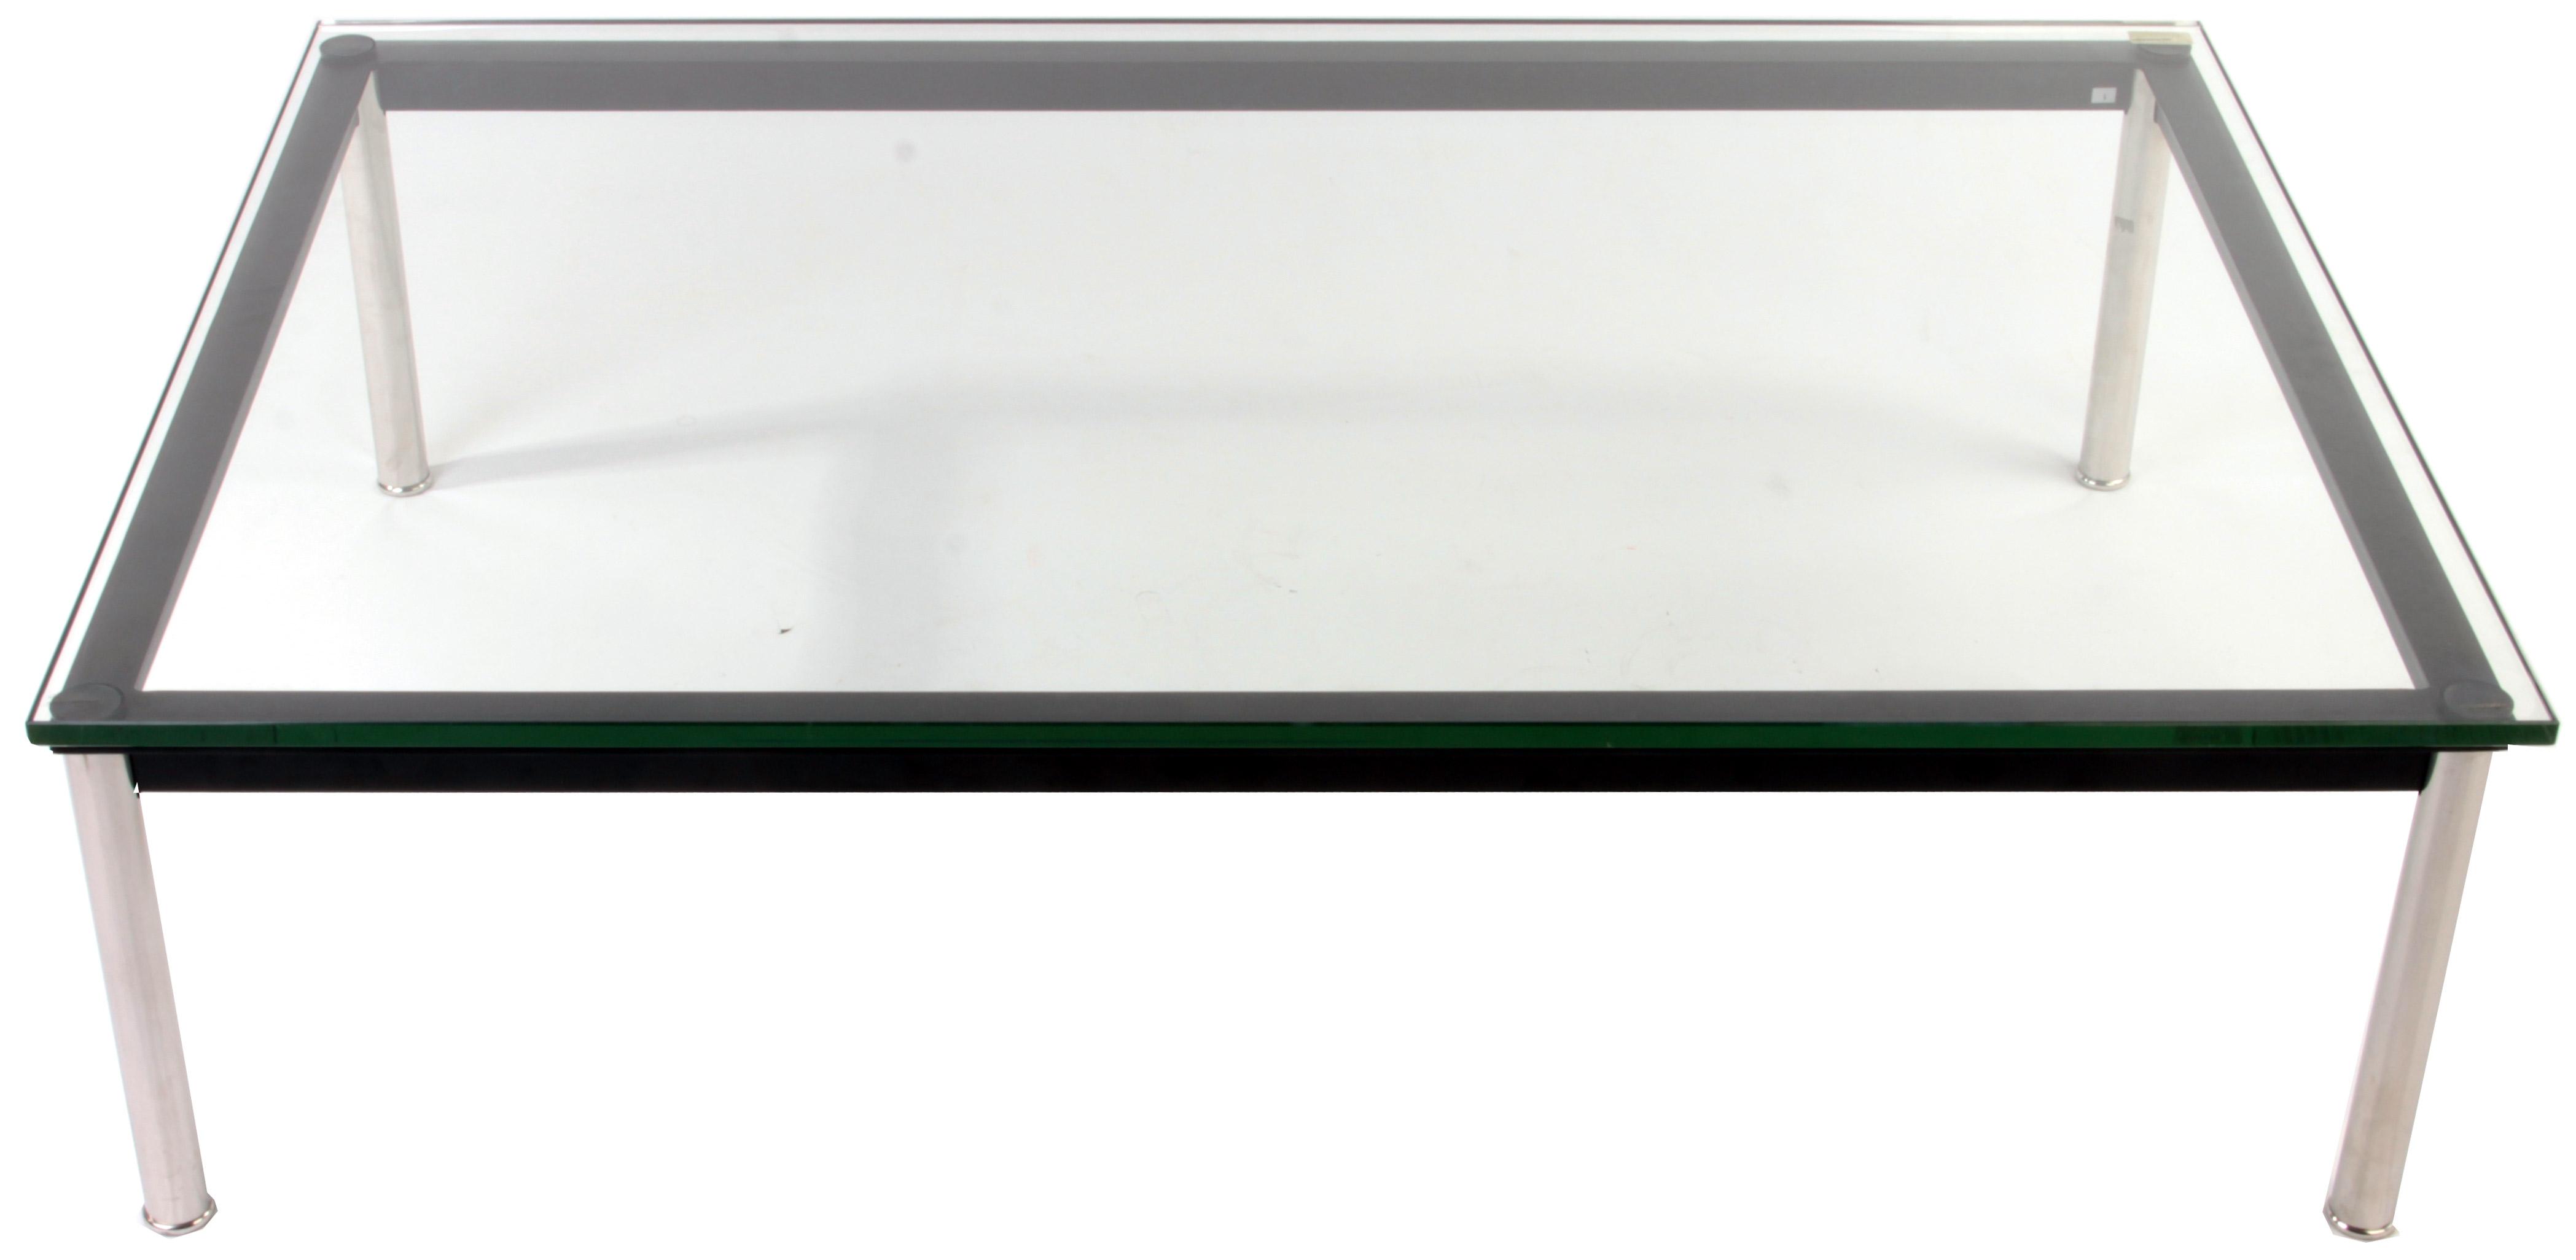 Le corbusier y su 39 esprit nouveau 39 doordresser for Mesa cristal le corbusier